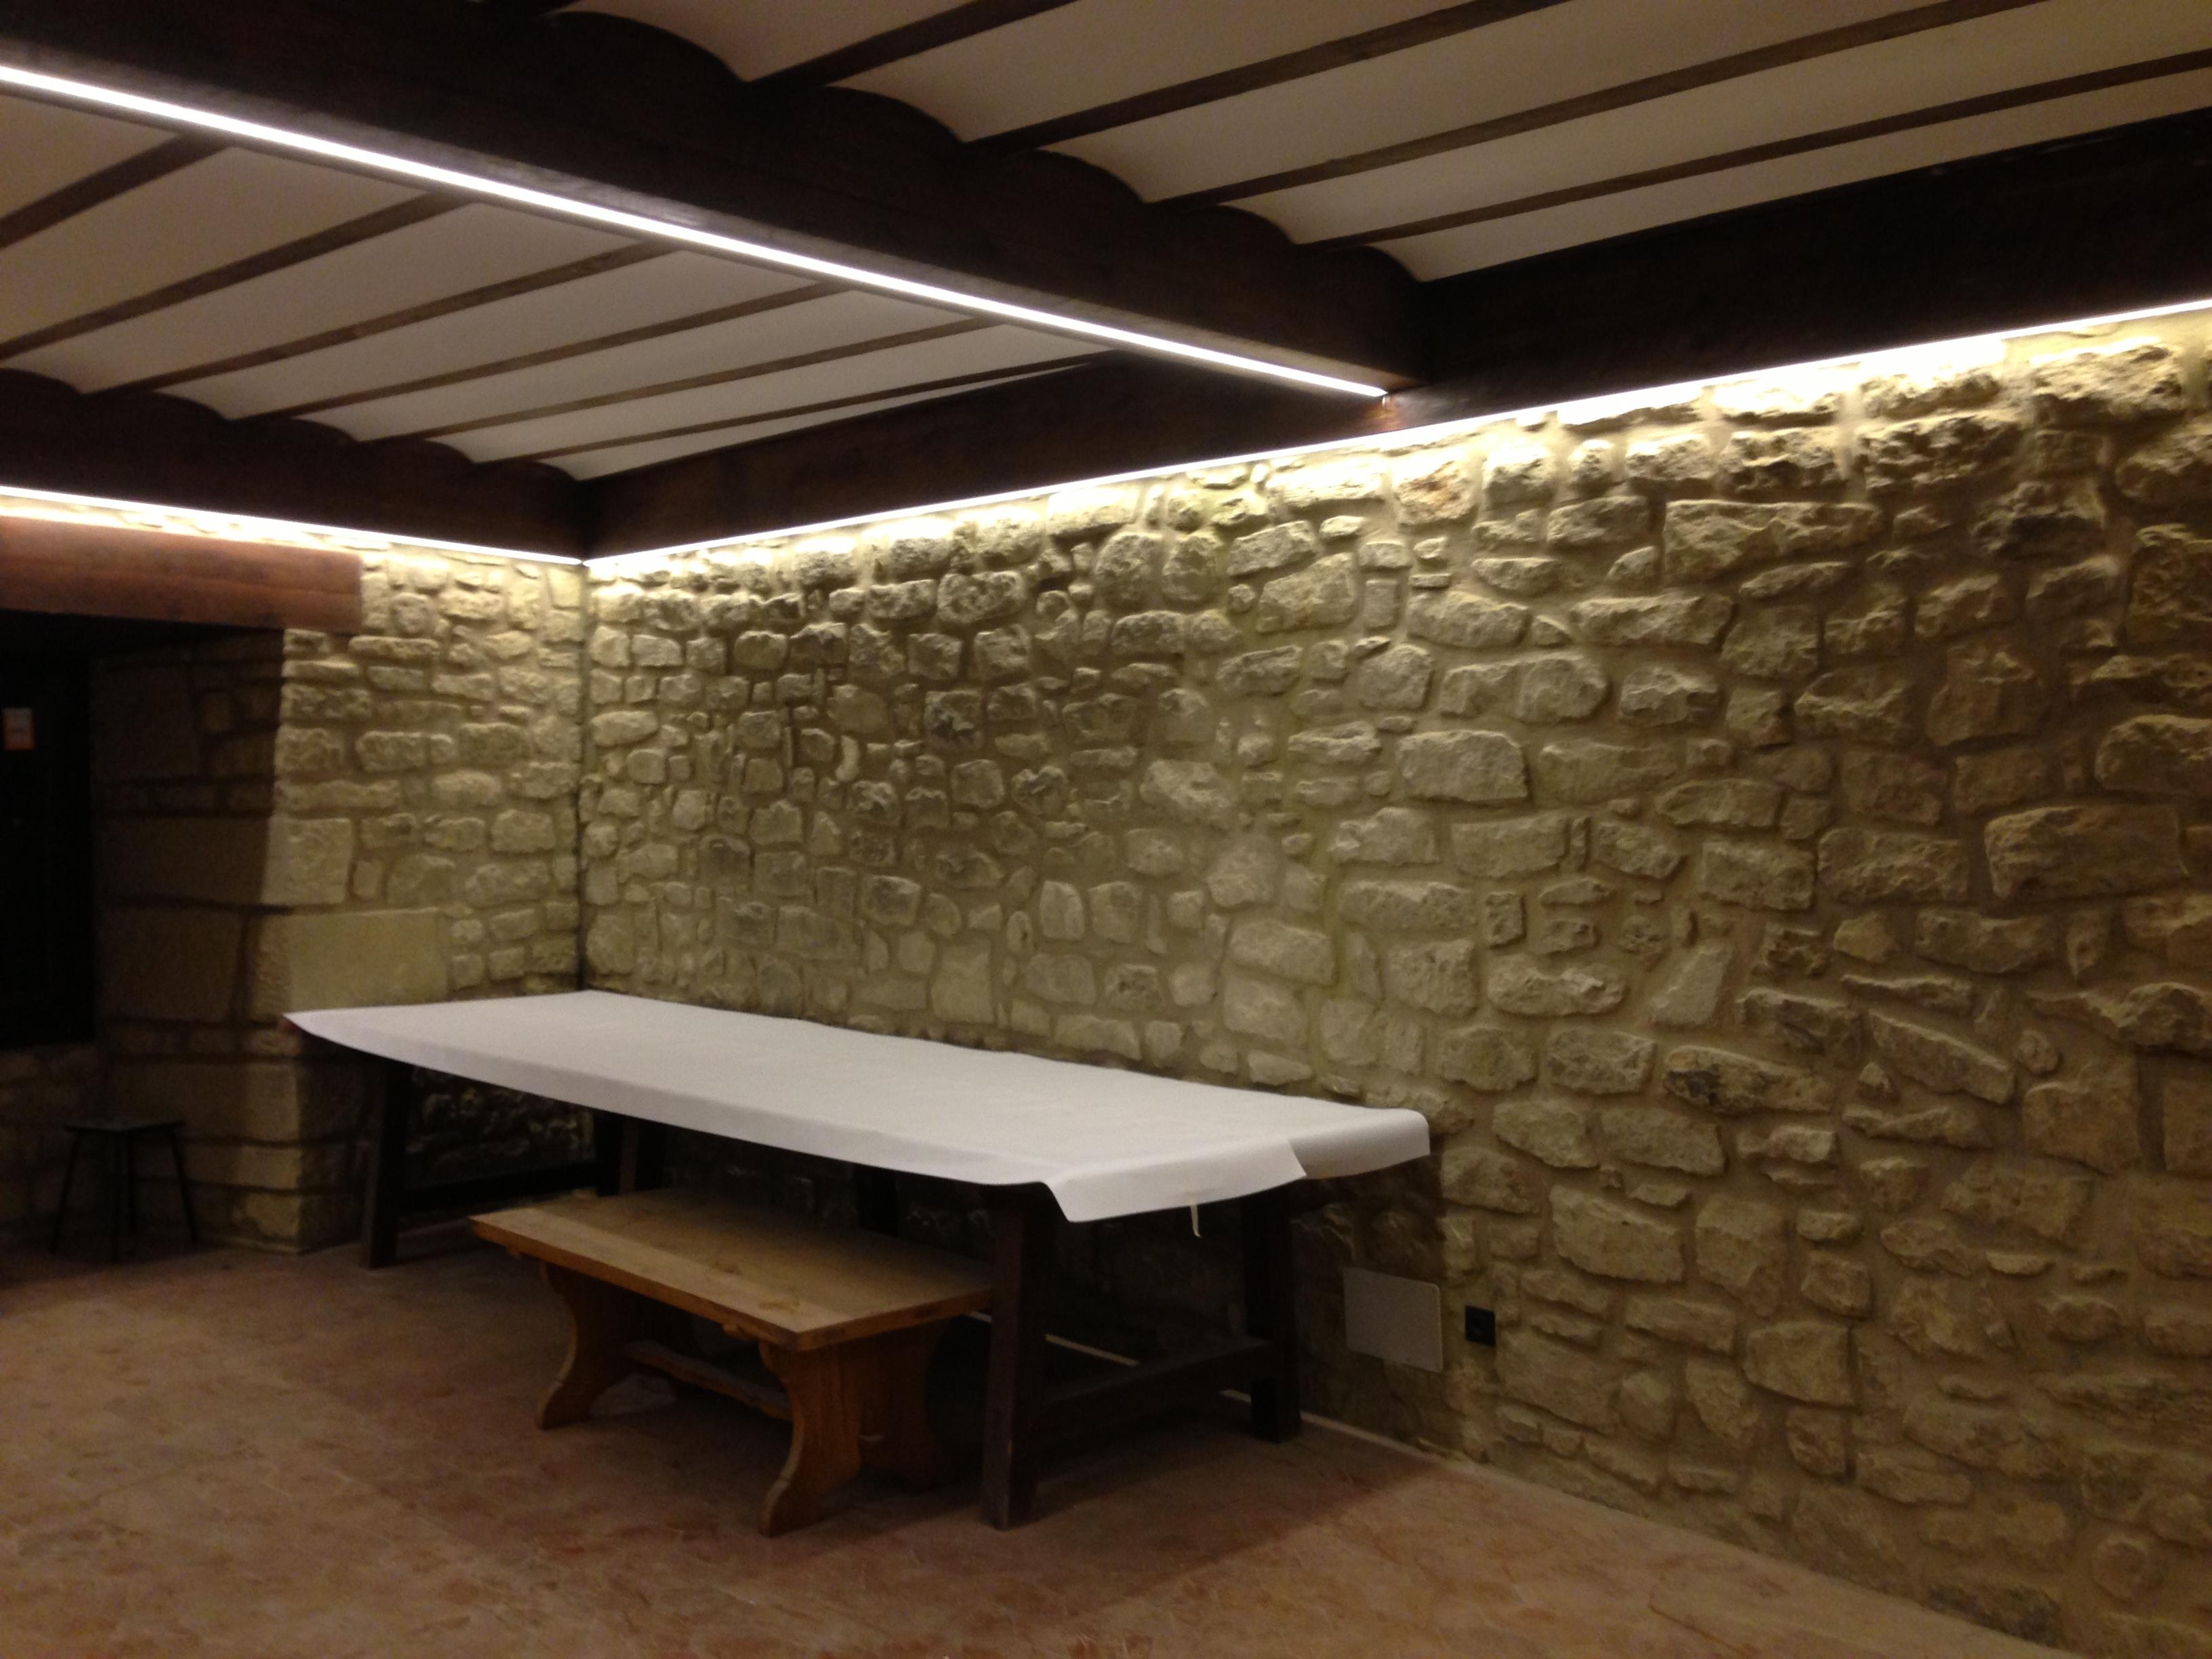 C mo se puede hacer una reforma de la iluminaci n sin - Hacer pared de piedra ...